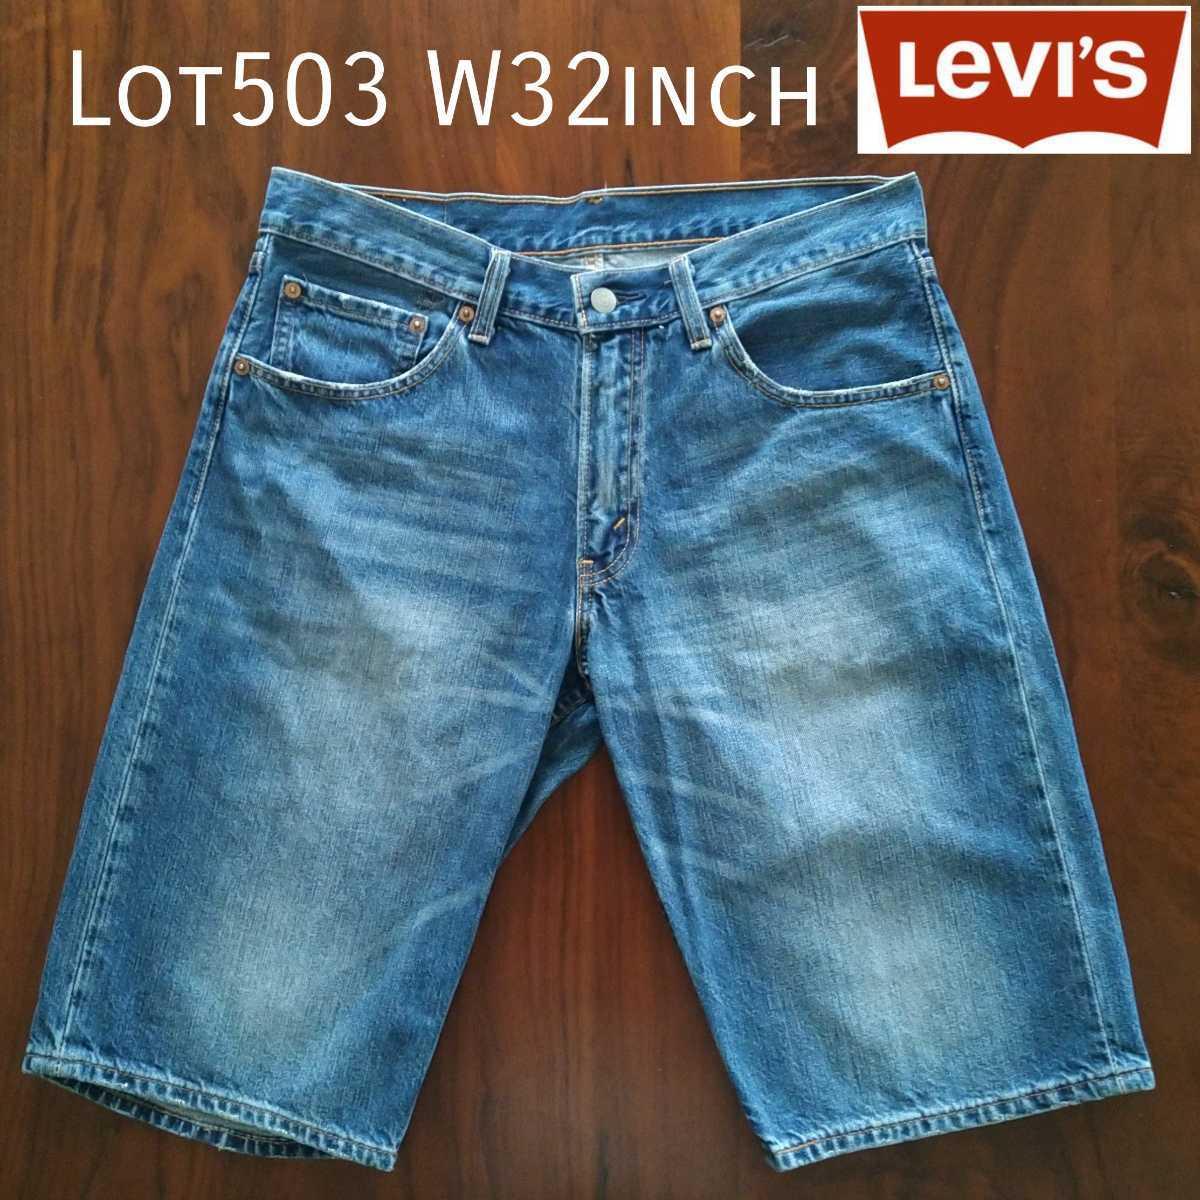 ヒゲ&タテ落ち Levi's 503 デニム ショートパンツ W32 85cm リーバイス ジップフライ ハーフパンツ 短パン ショーツ(511/501/569/505)